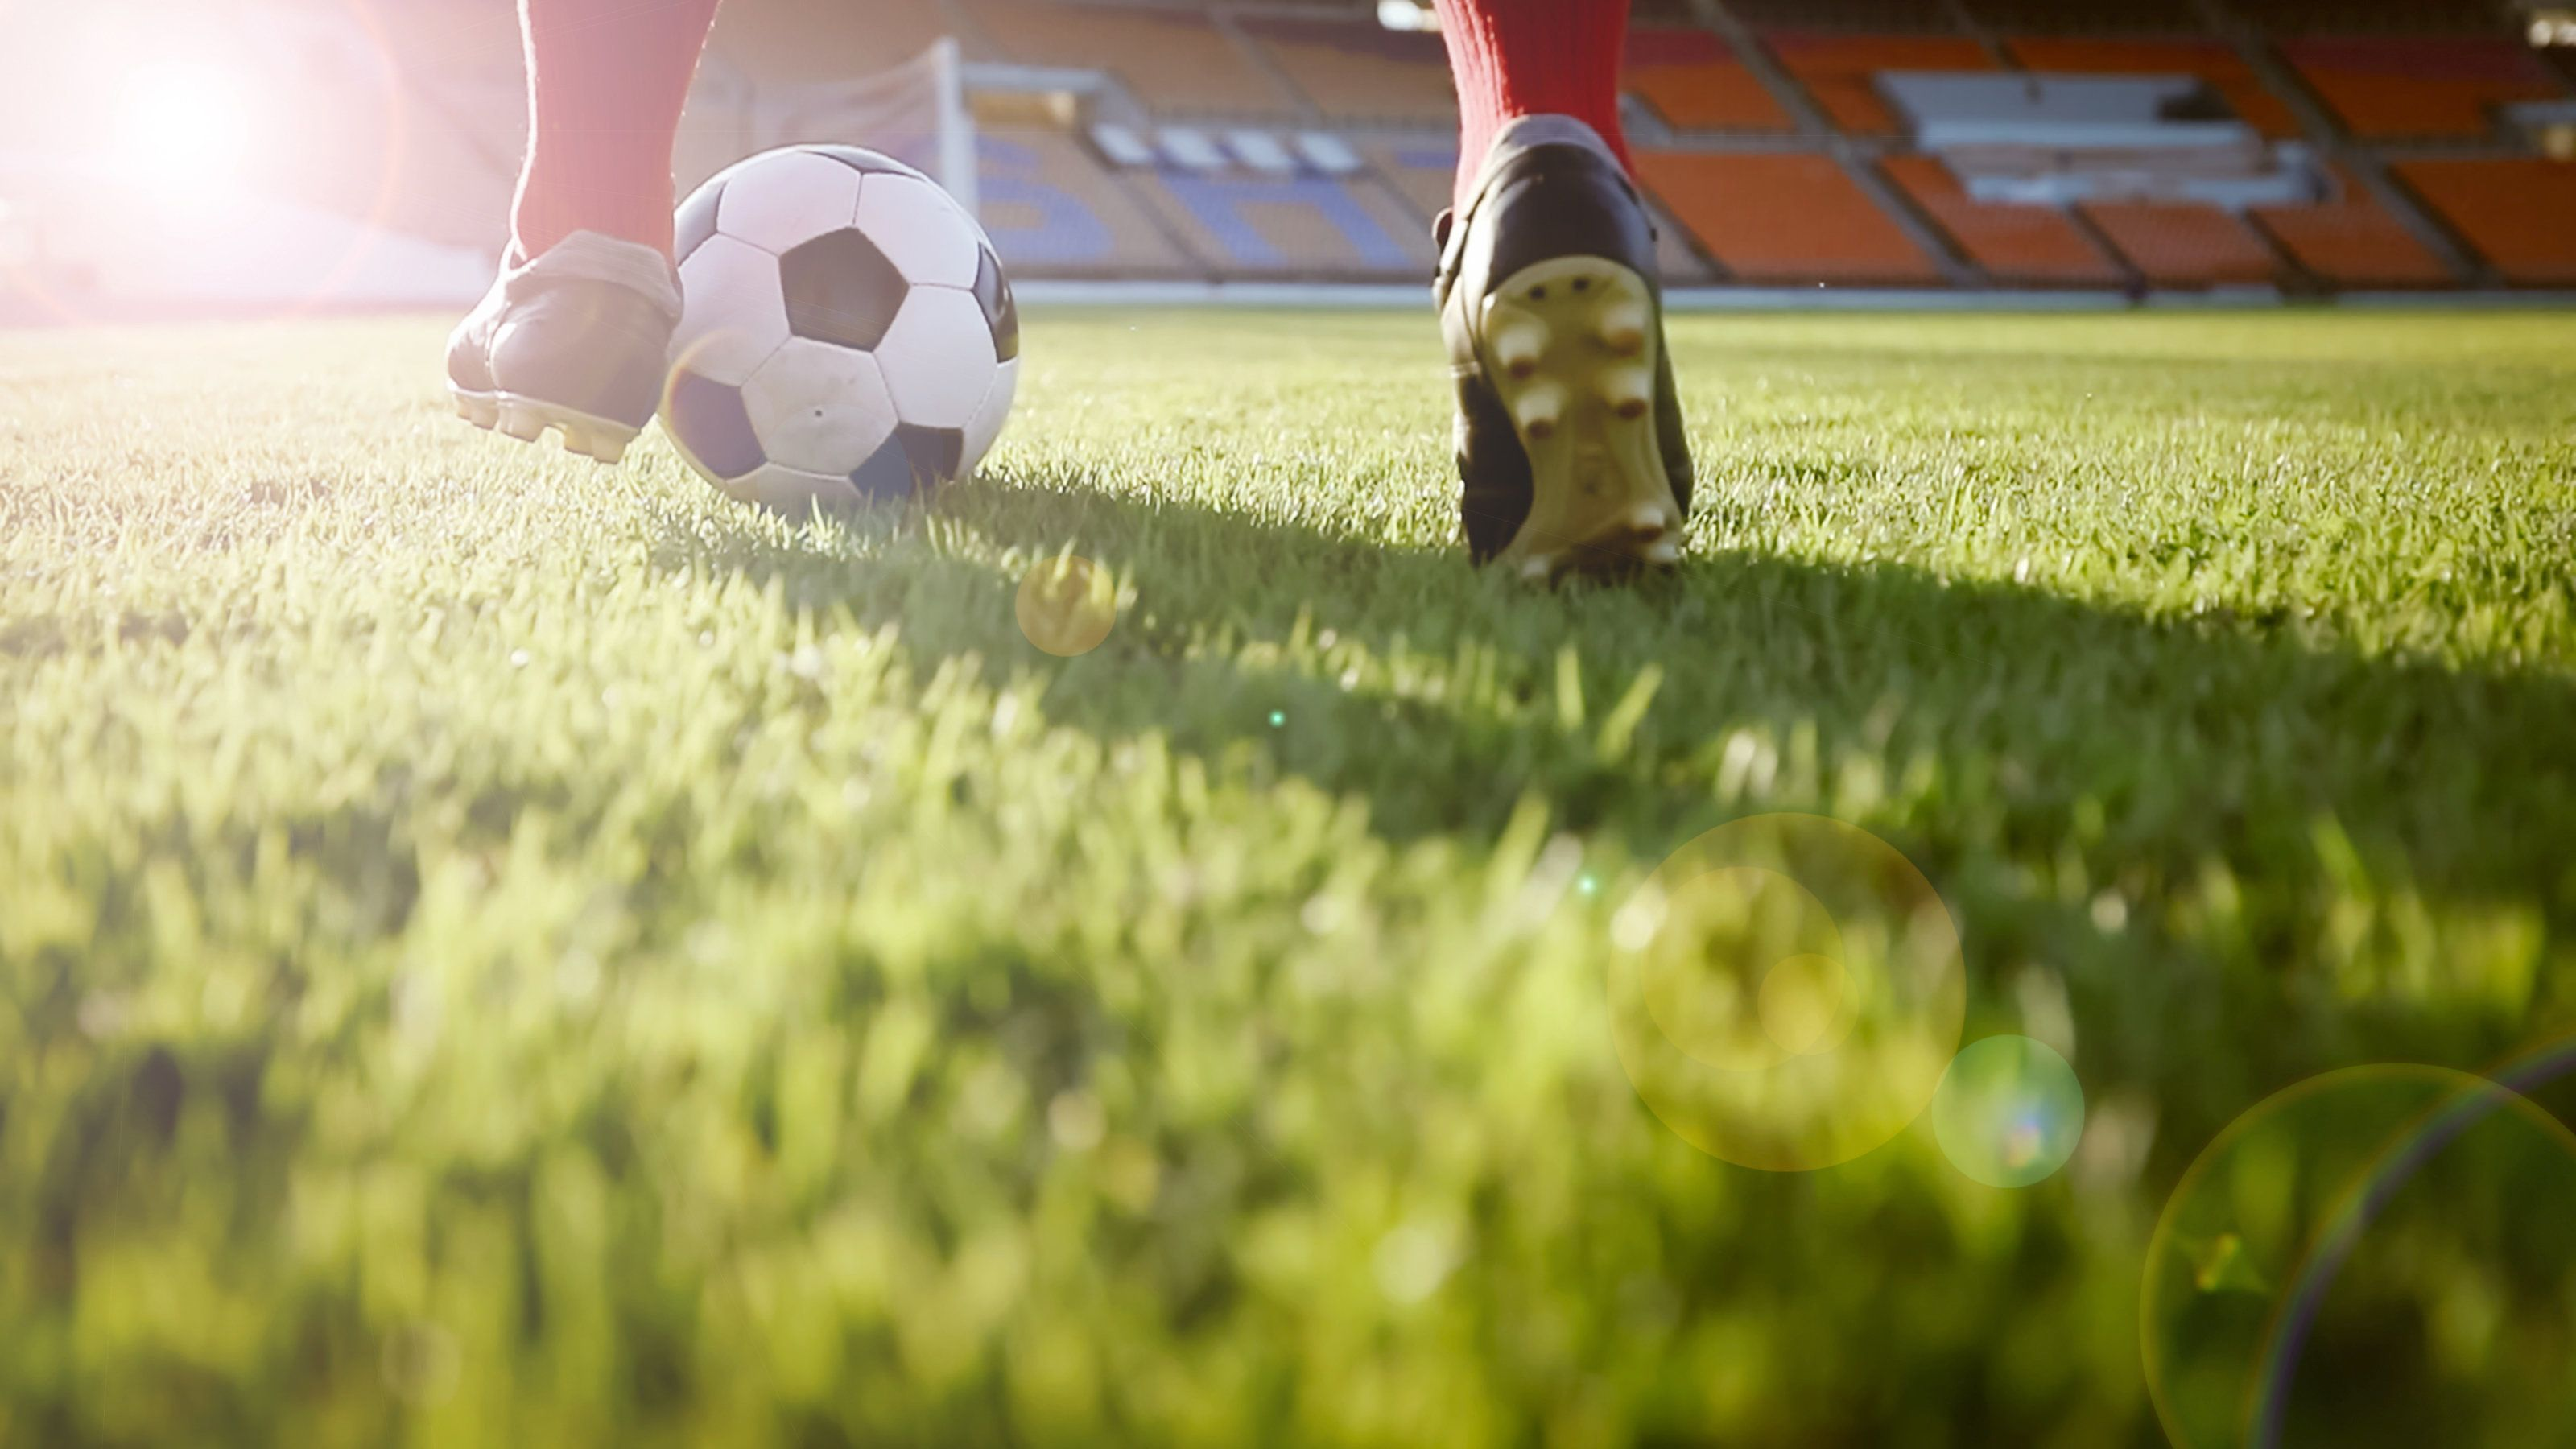 市立船橋高校・体育科で合否通知が逆になって届く事態に。サッカー強豪校で何が起きた?